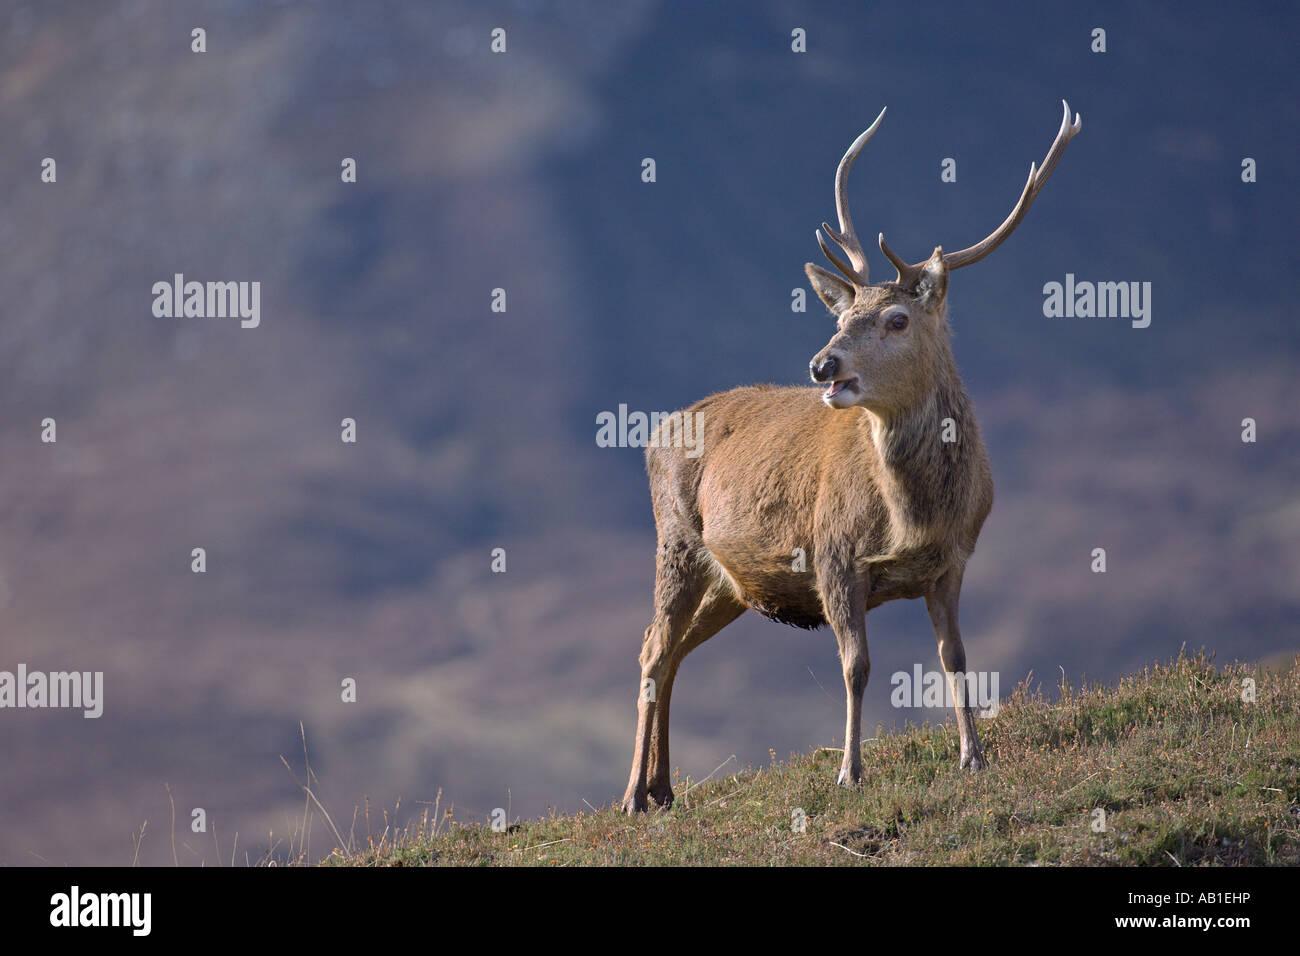 Red deer Cervus elaphus stag in Scottish glen Alladale Sutherland Scotland February - Stock Image